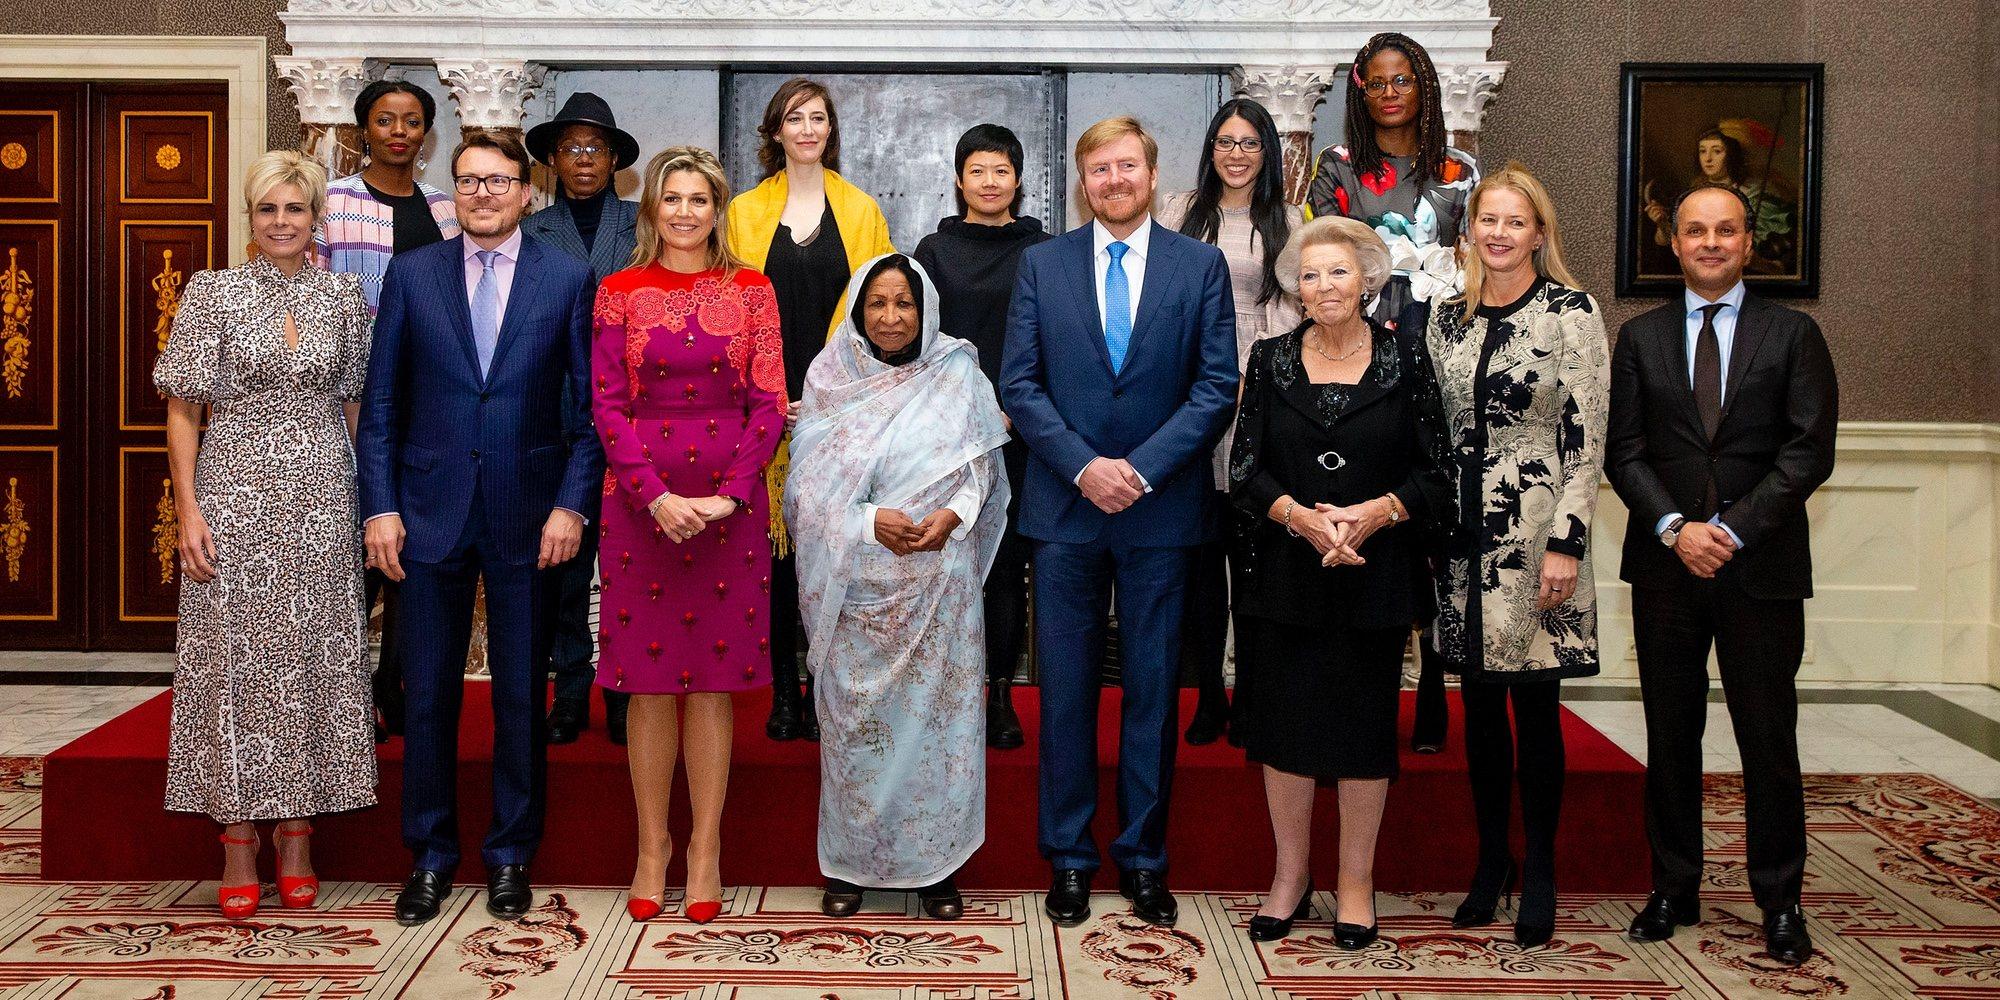 El recuerdo del Príncipe Claus muestra la unidad de la Familia Real Holandesa